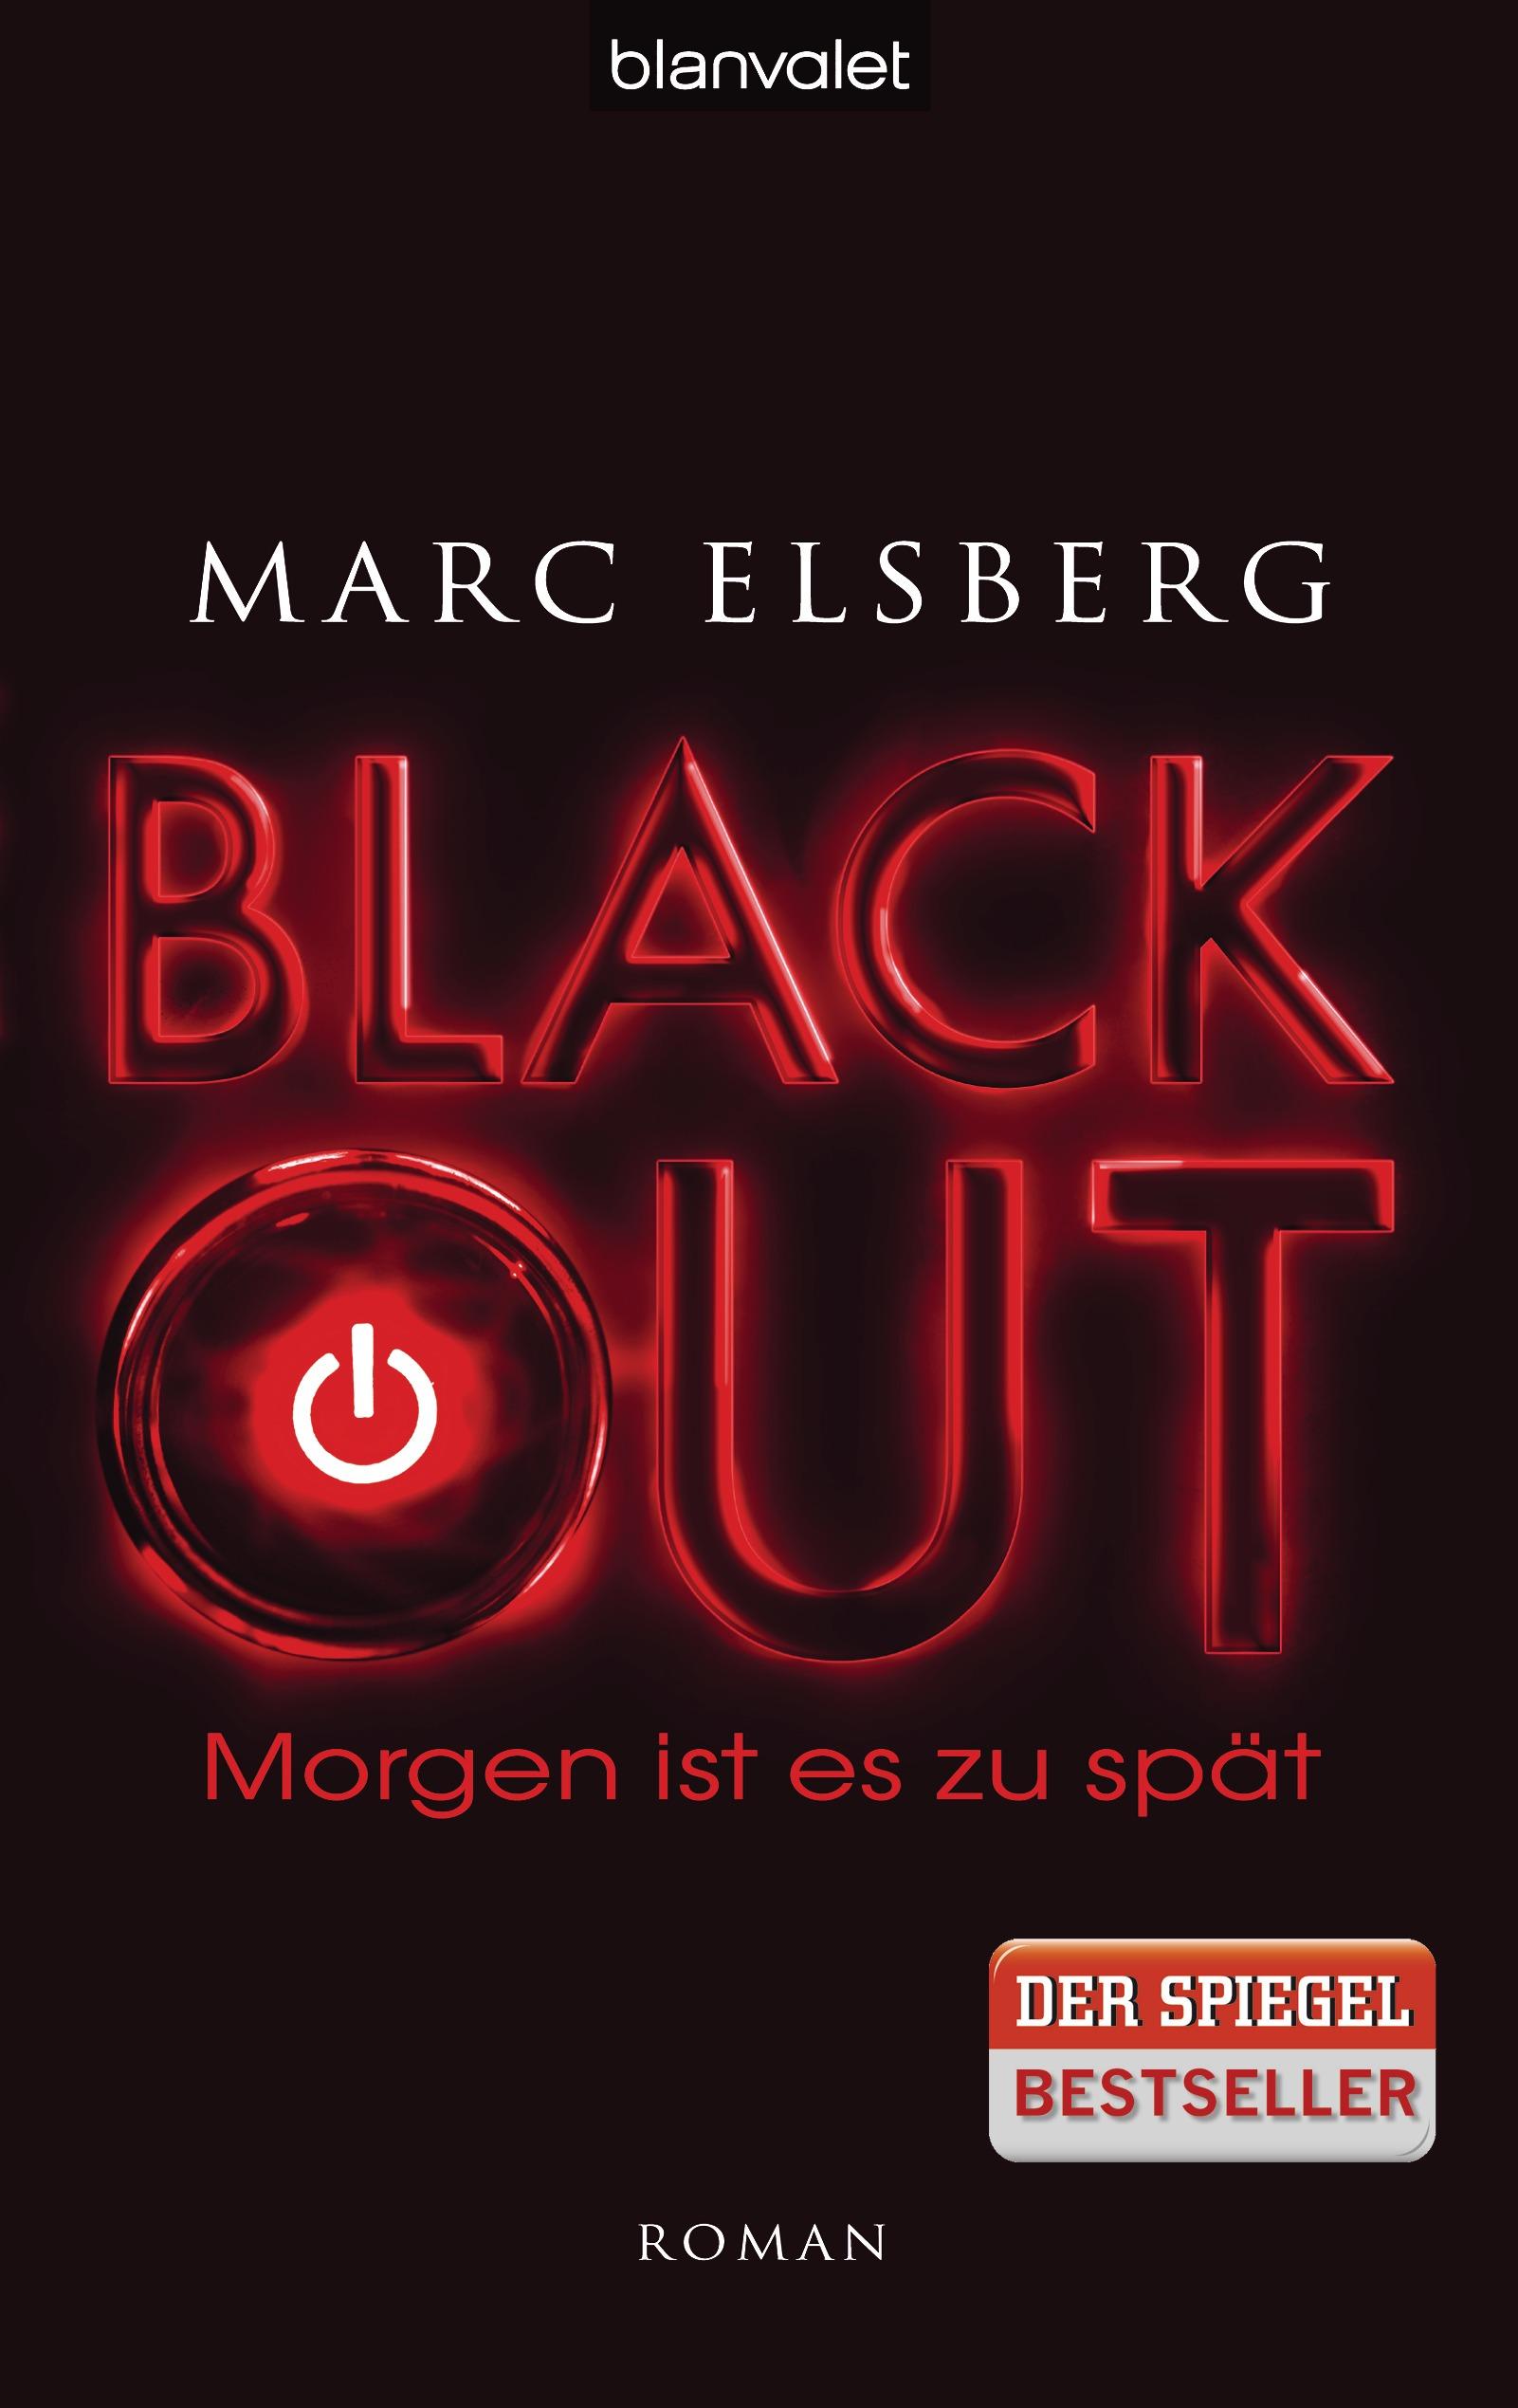 © Blanvalet Verlag